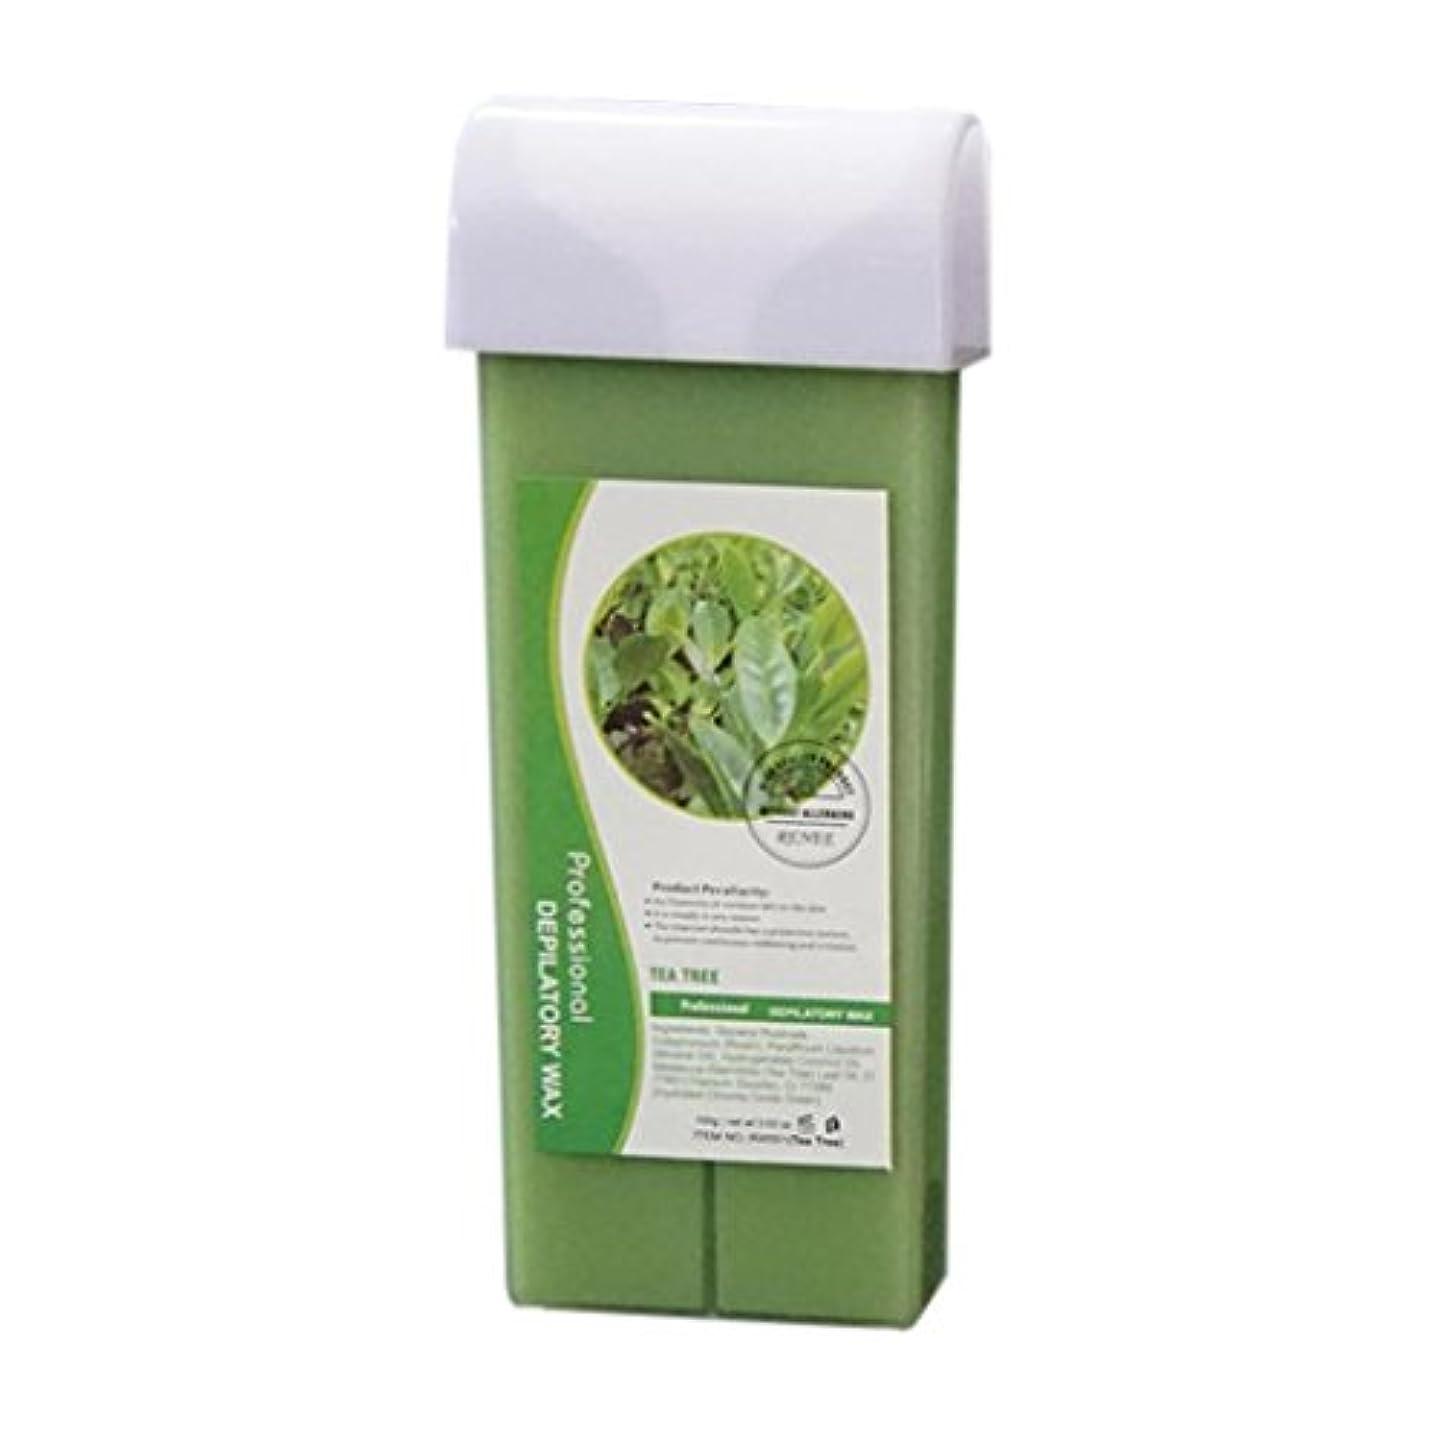 苦しみ異常な自伝[SakuraBest] 100G Heater Wax Depilatory For Hair Removal, 100Gヒーターワックス脱毛除毛用